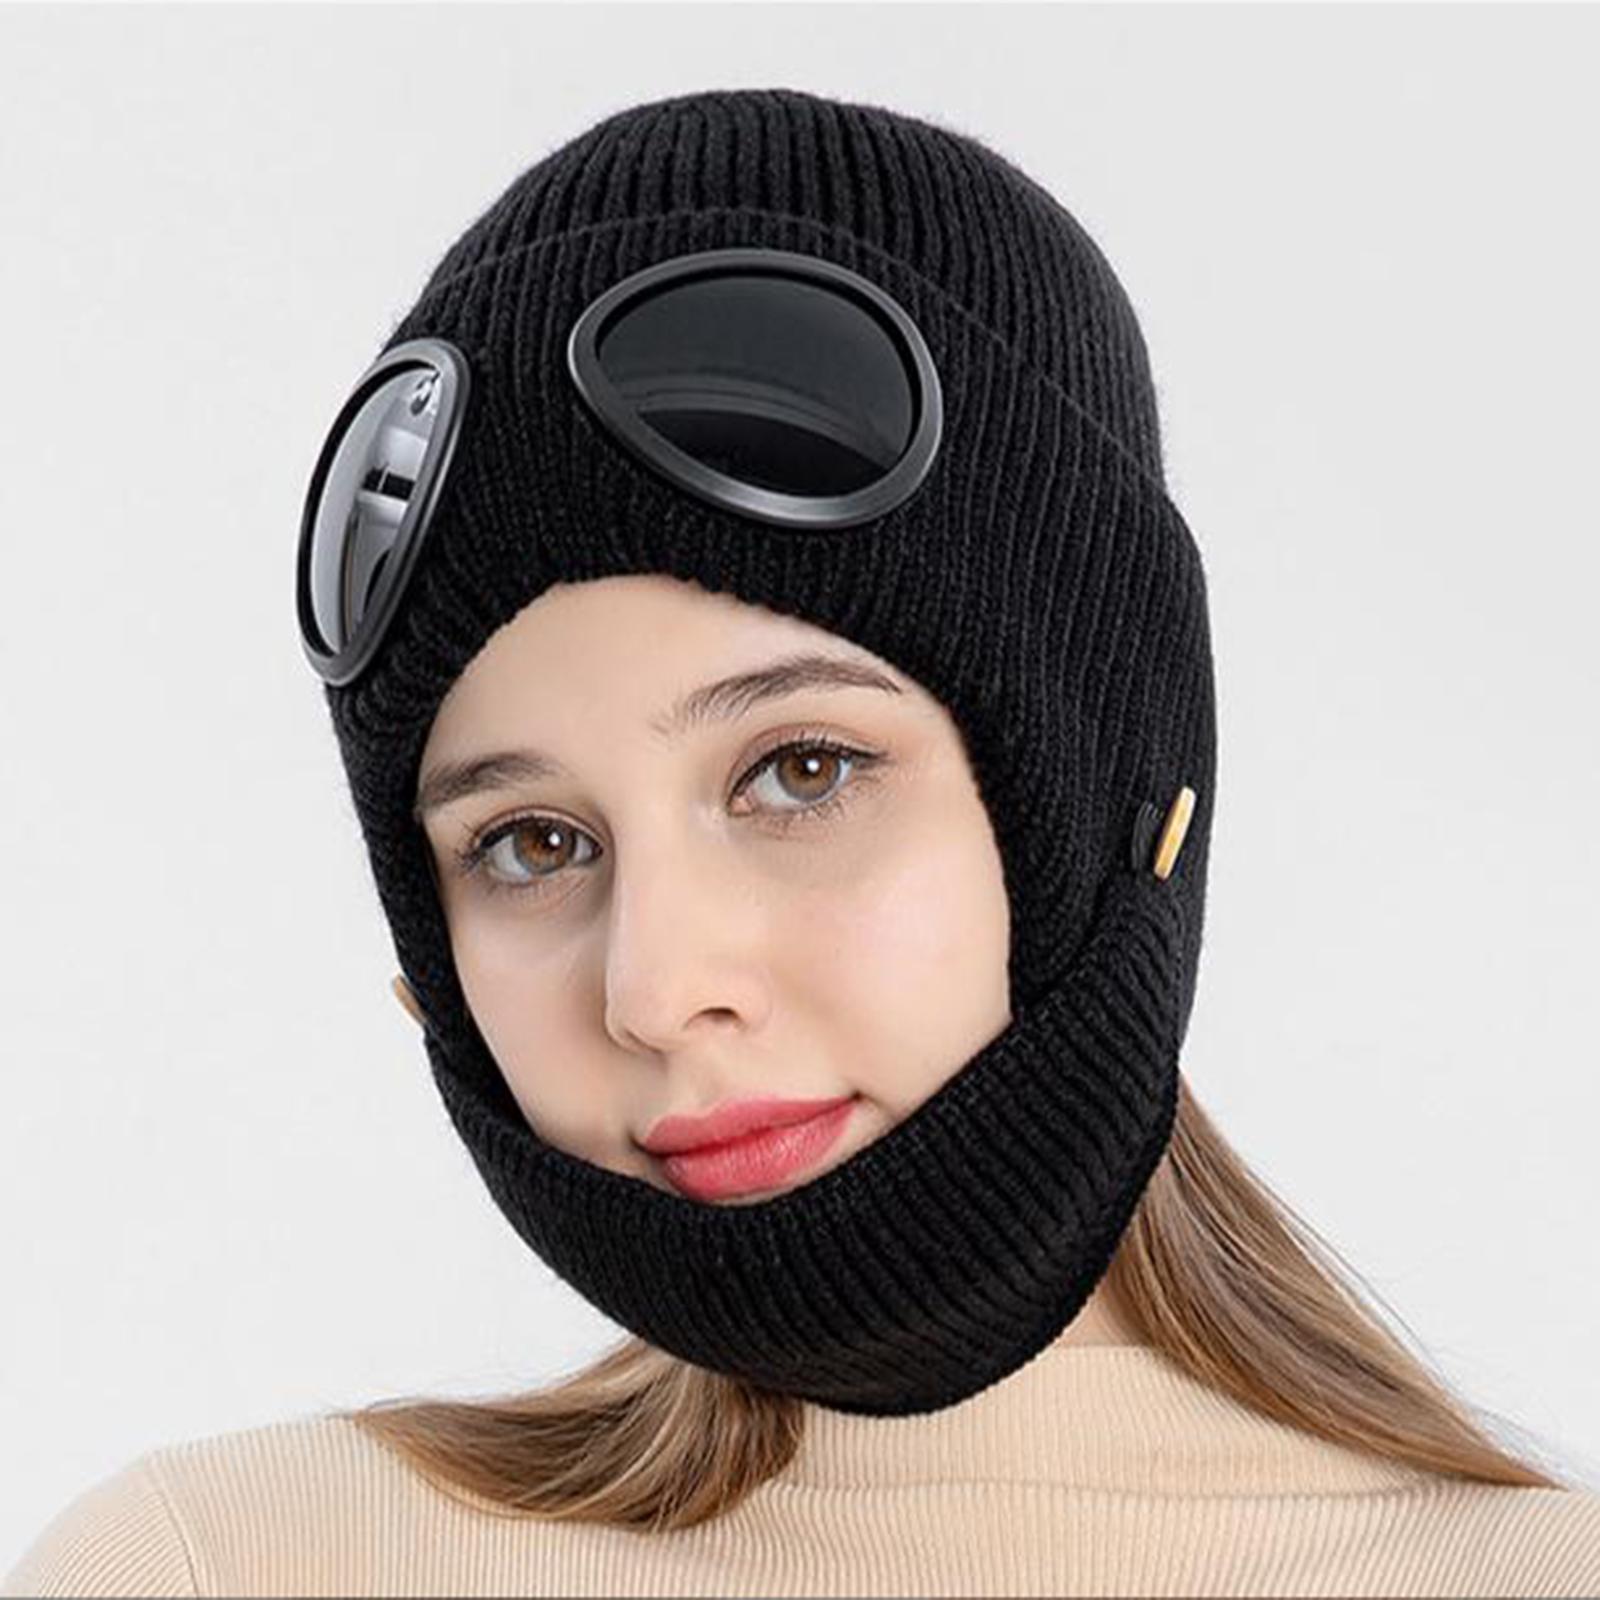 miniature 7 - Masque de tête de visage hiver bonnet chaud avec lunettes casquette d'oreille